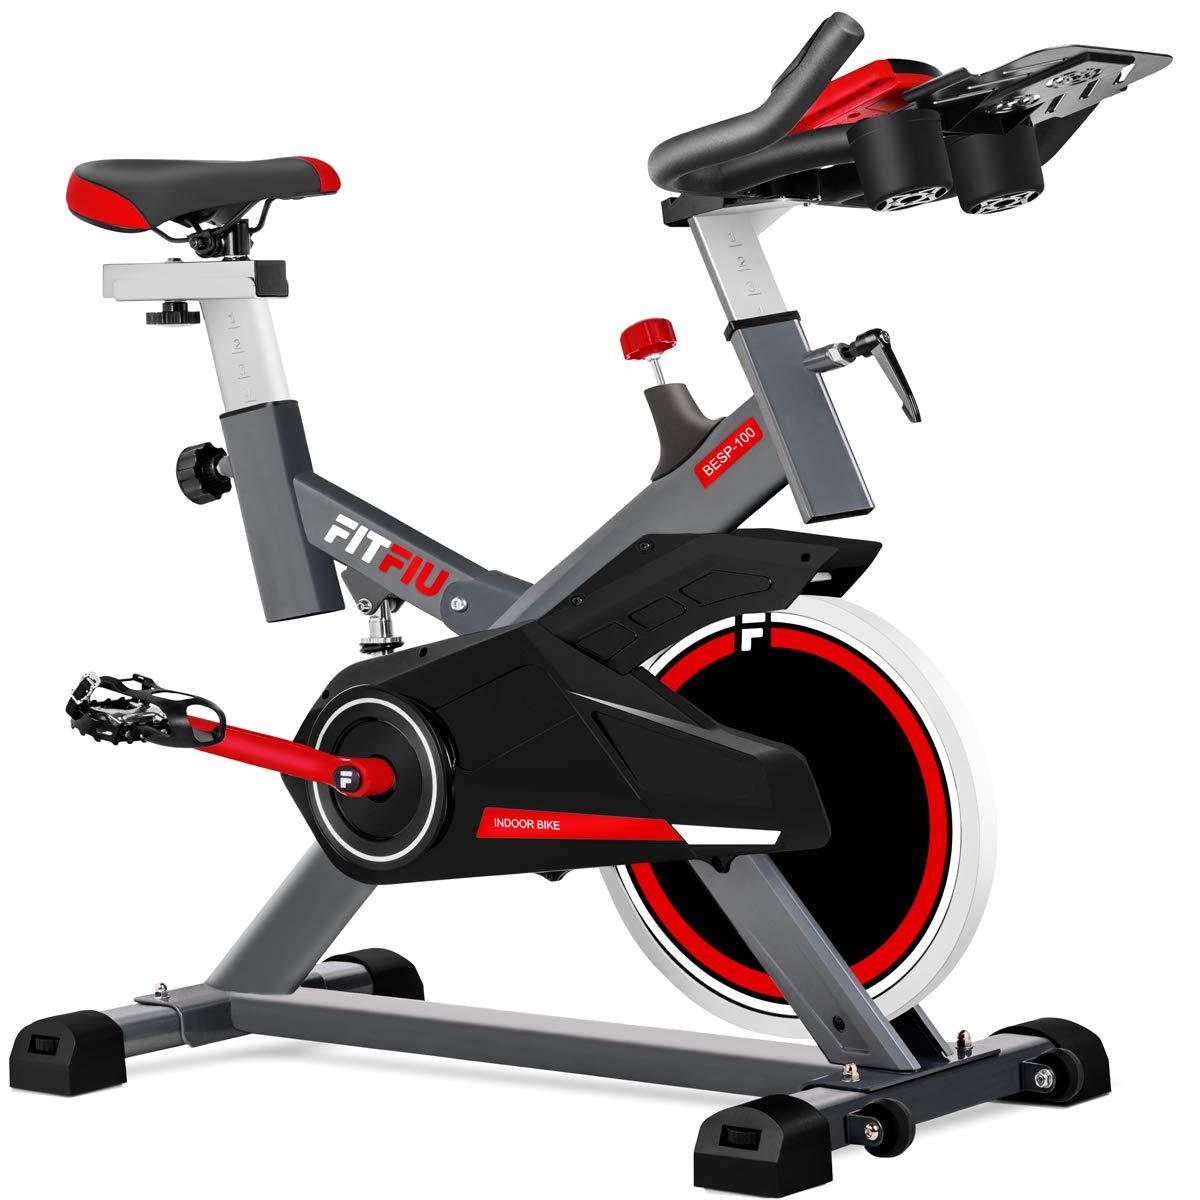 Fitfiu - BESP100 Silent+ Bicicleta spinning indoor con volante de ...